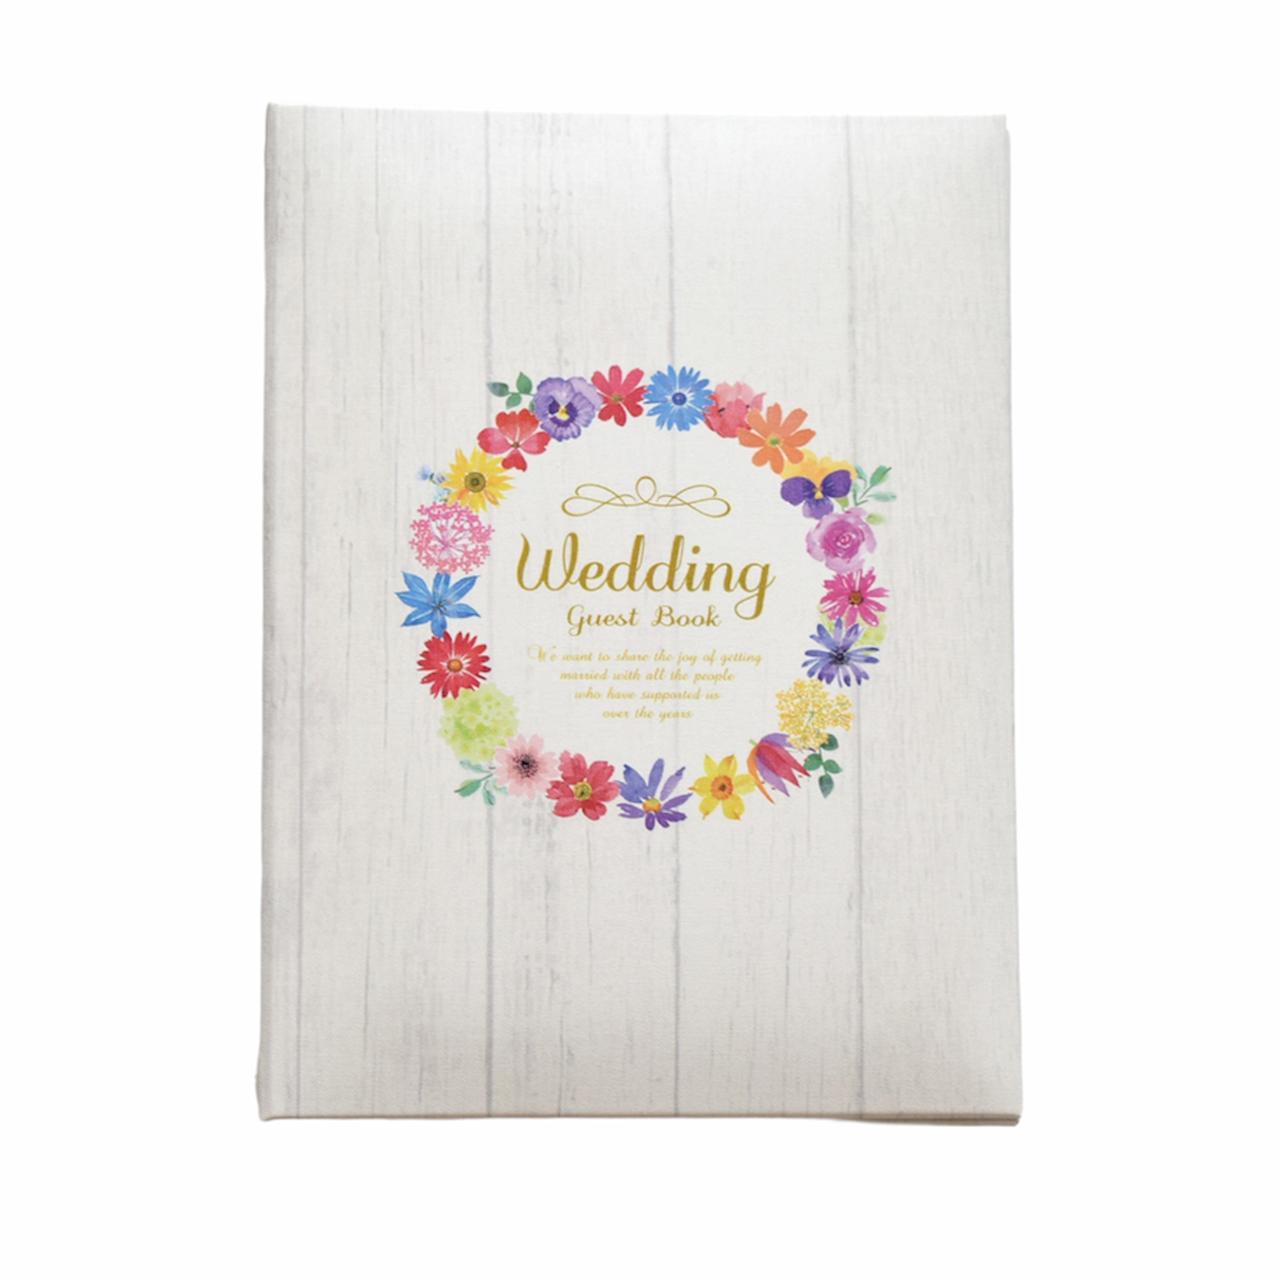 結婚式 ウェディングアイテムが充実 Ti 全品最安値に挑戦 商舗 Amo ゲストブック ウェディング マリアージュリース 芳名帳 カード式